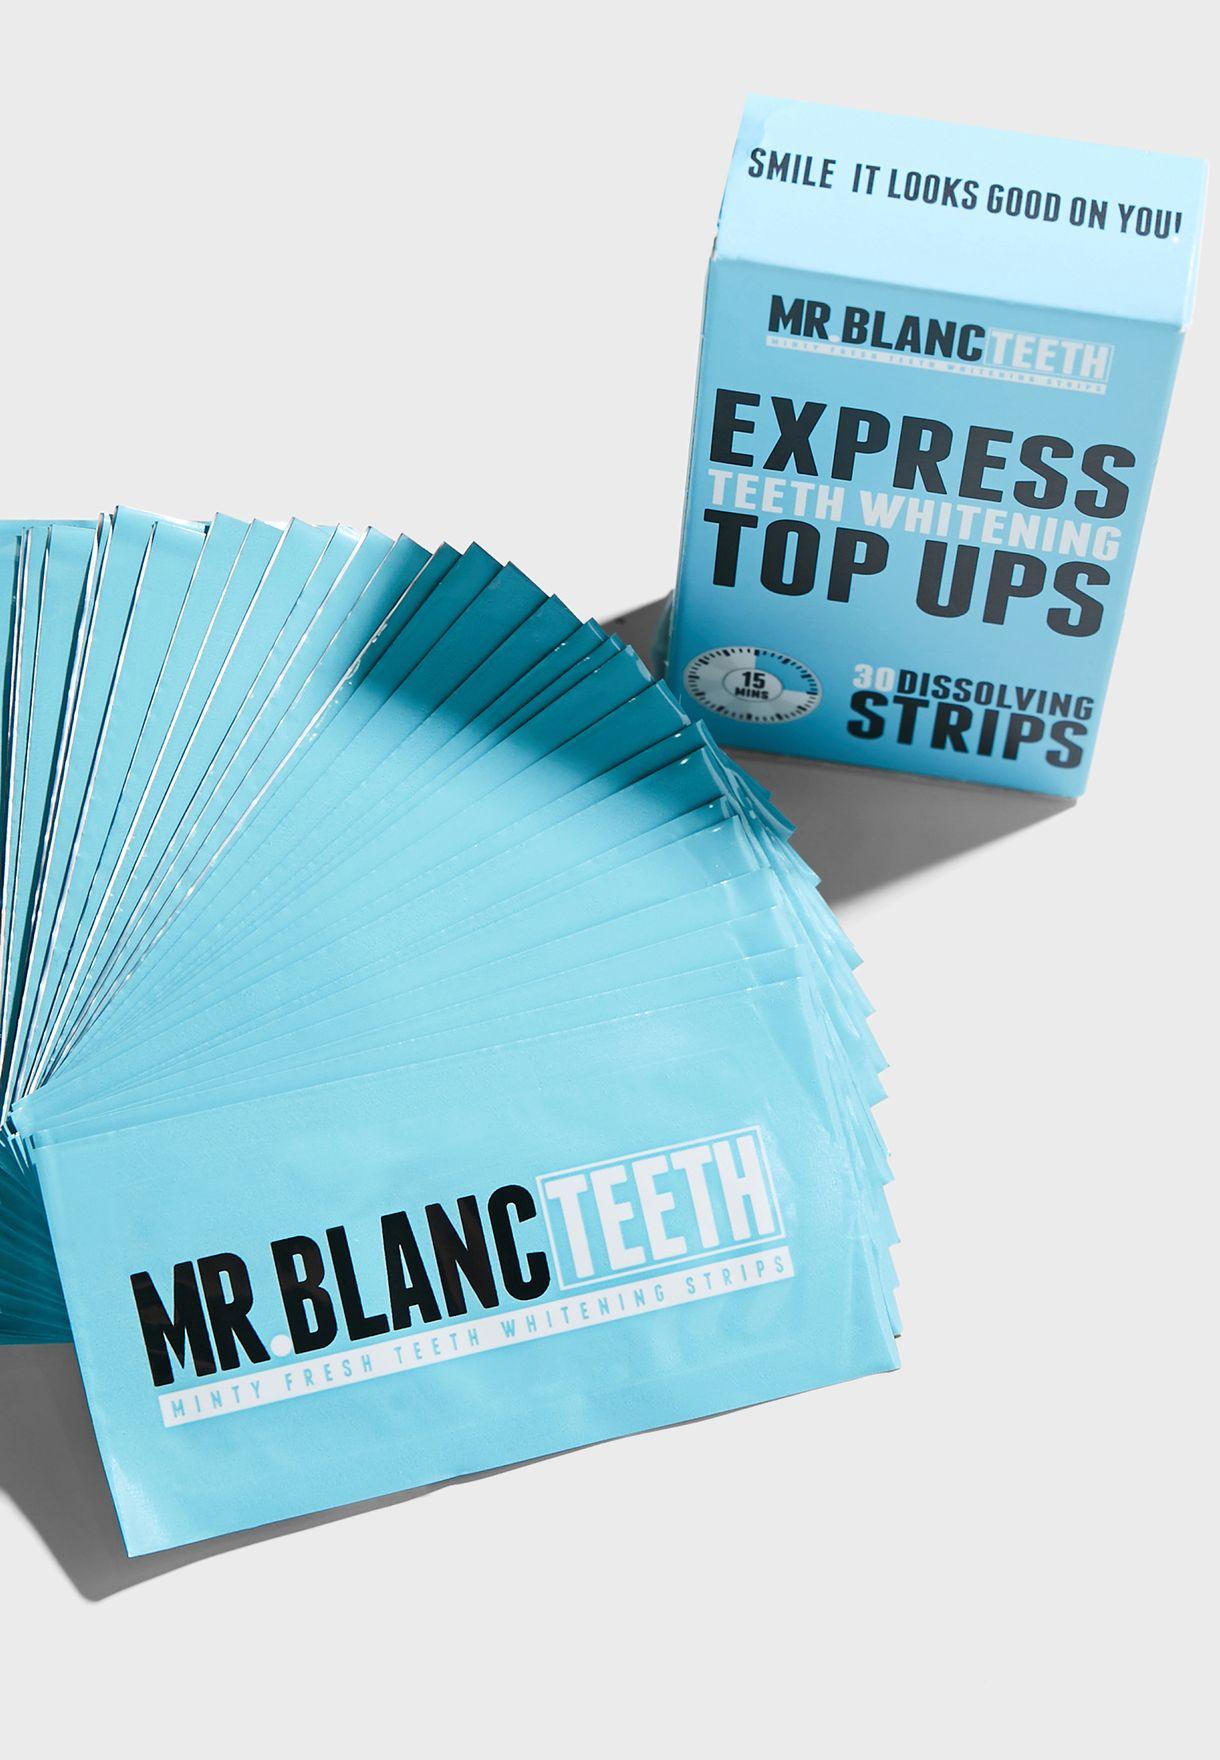 Express Teeth Whitening Strips